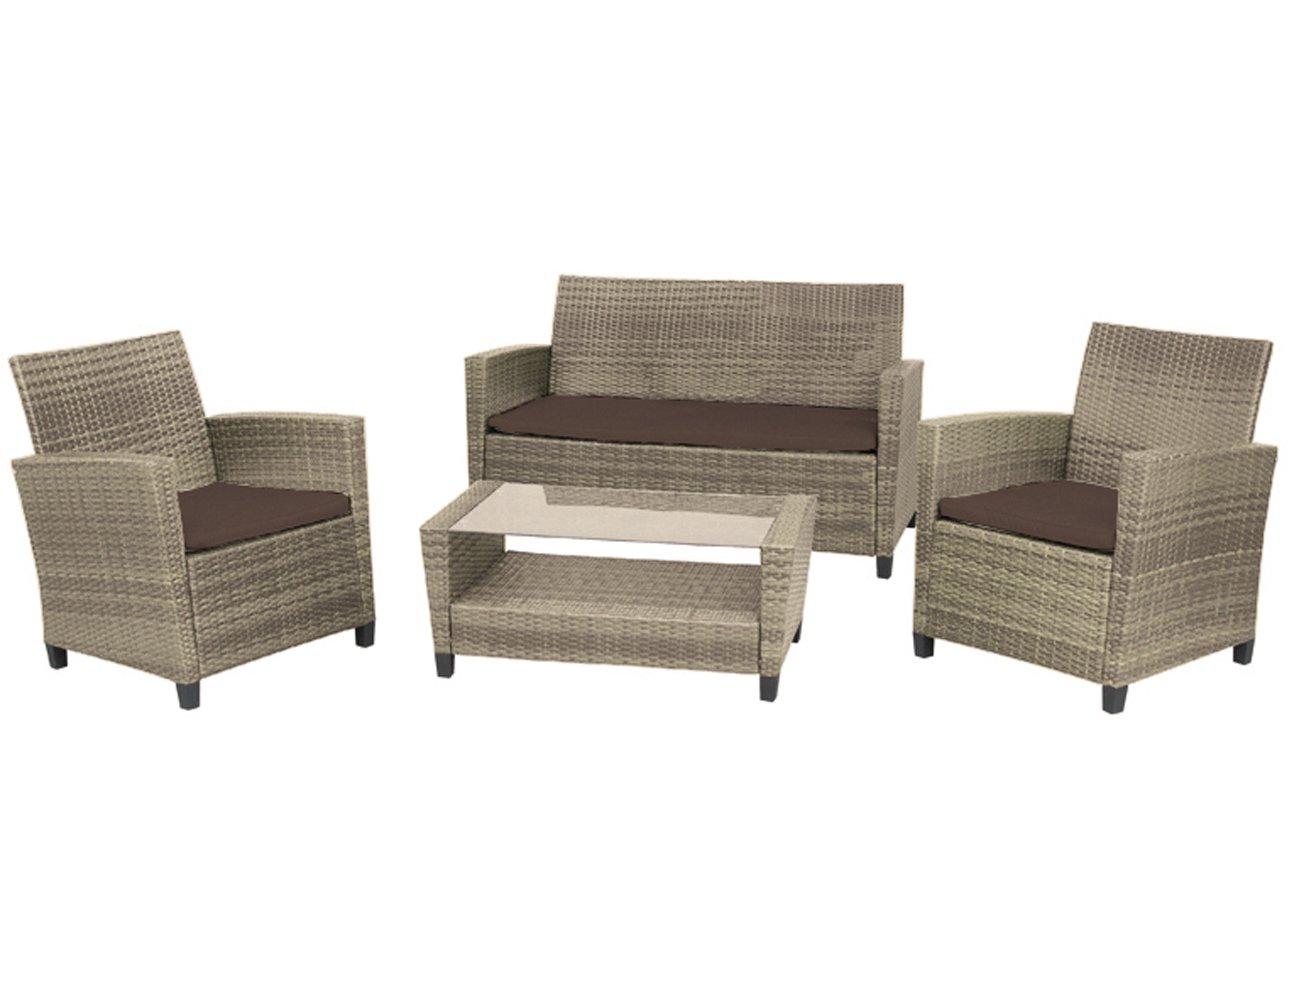 H.G. 933126 Lounge-Set Malmö, Aluminiumgestell, Kunststoffgeflecht bi-color sand, 2 x Sessel, 1 x Bank, 1 x Kaffeetisch online kaufen